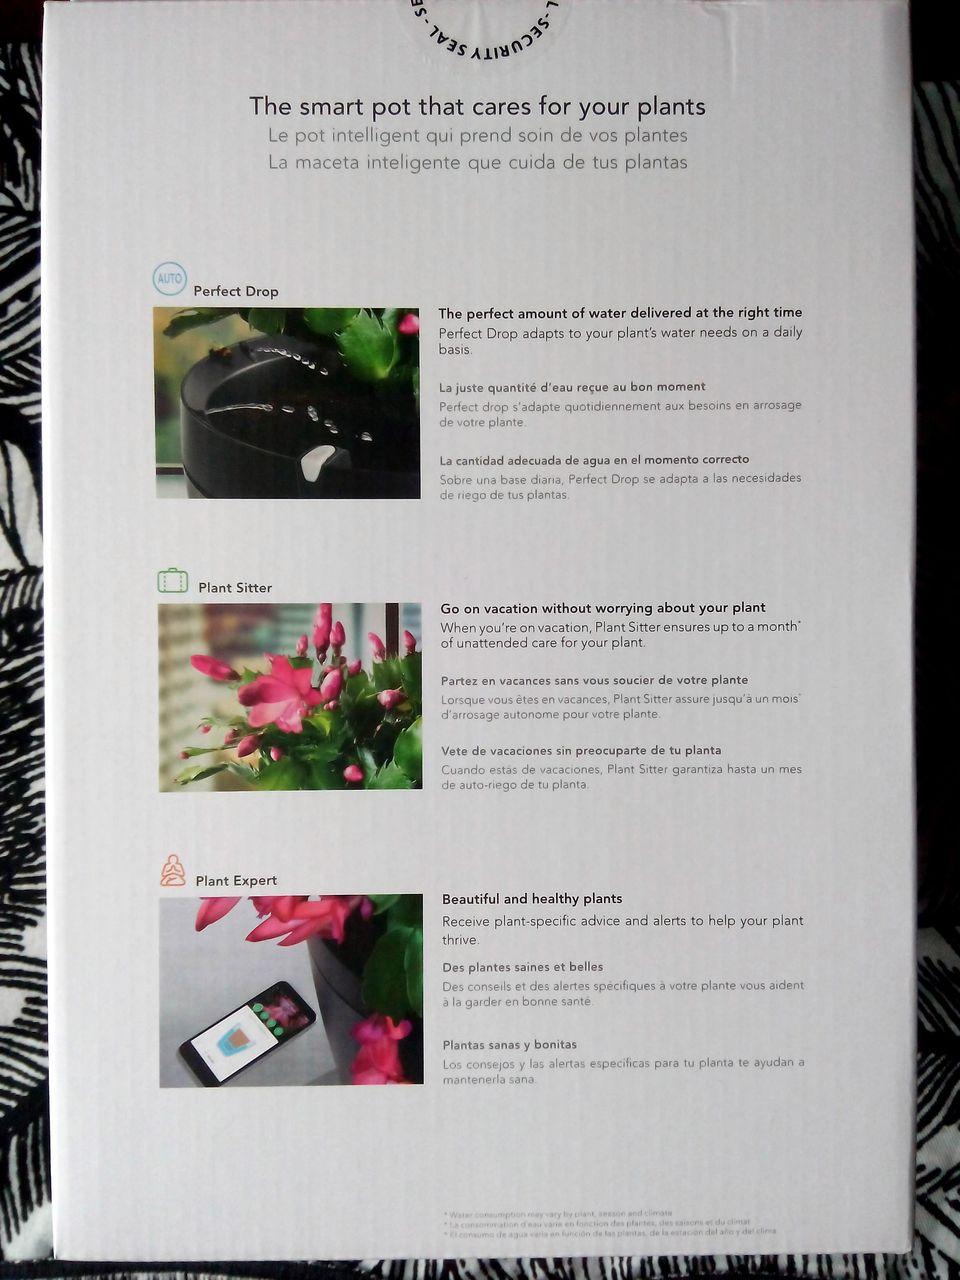 Emballage Parrot Pot - Fonctionnalités